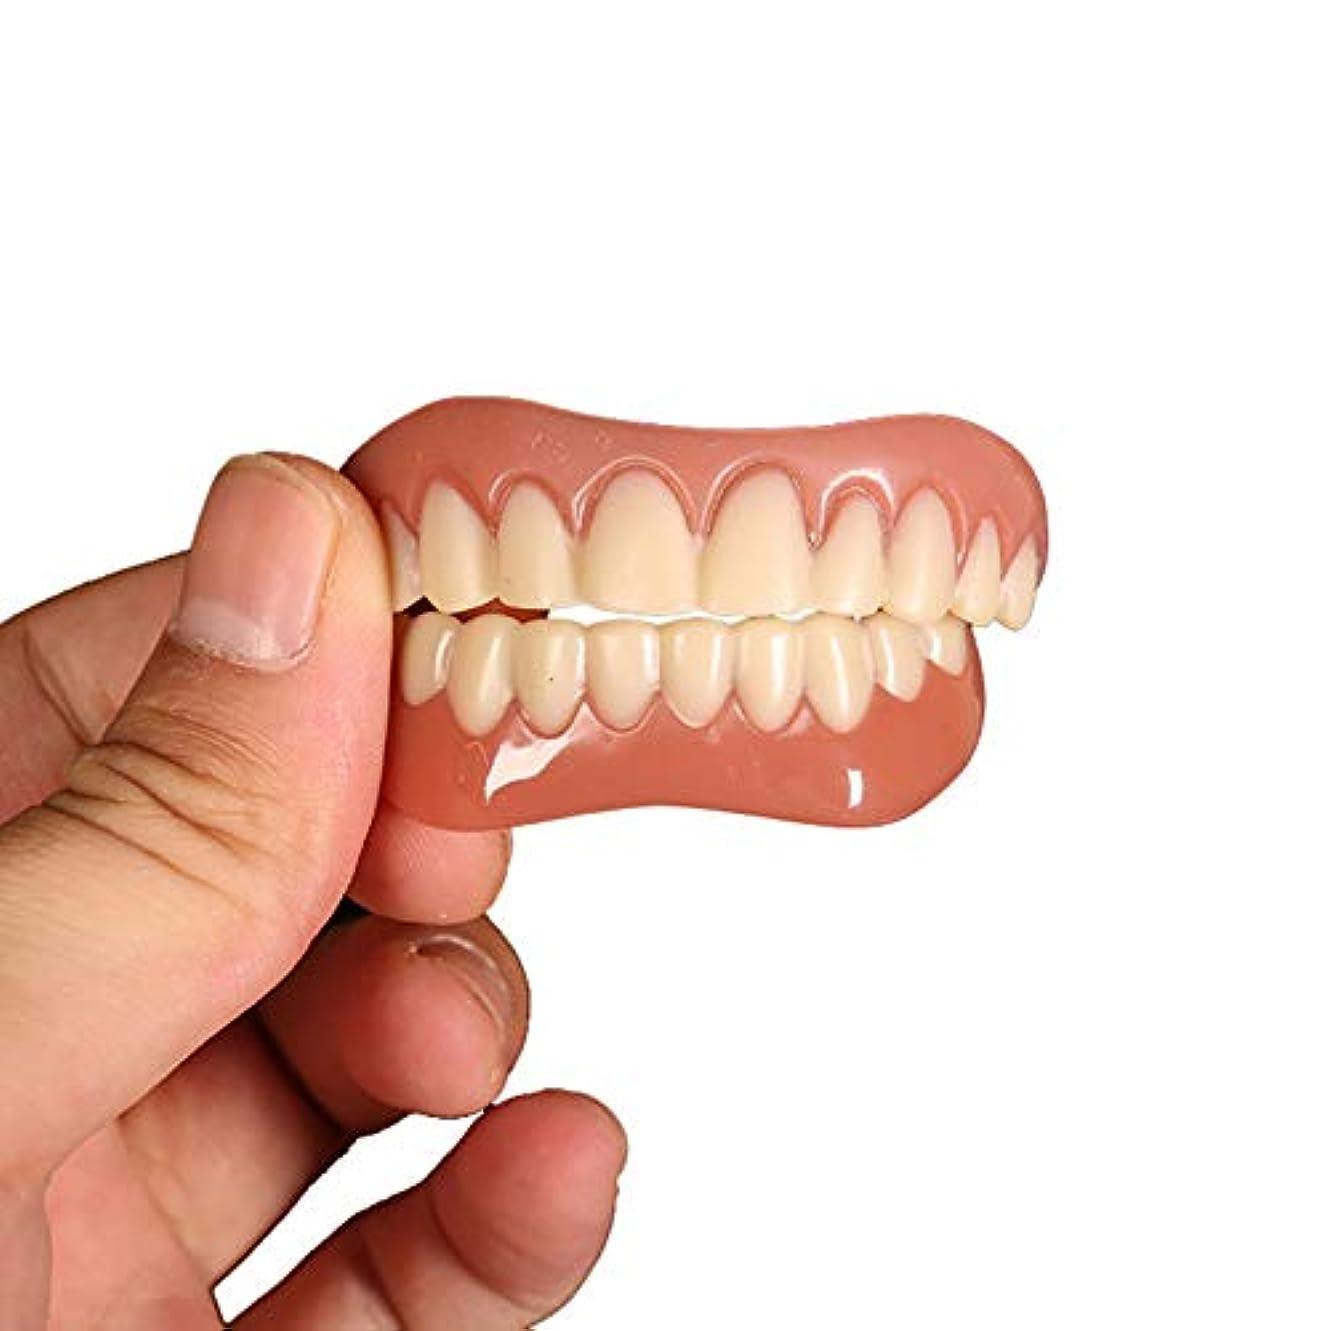 ベッツィトロットウッド言い換えると実際2対歯科用ベニア快適なフィット歯のトップとボトム化粧品のベニヤワンサイズフィットすべての義歯接着剤歯偽義歯歯笑顔